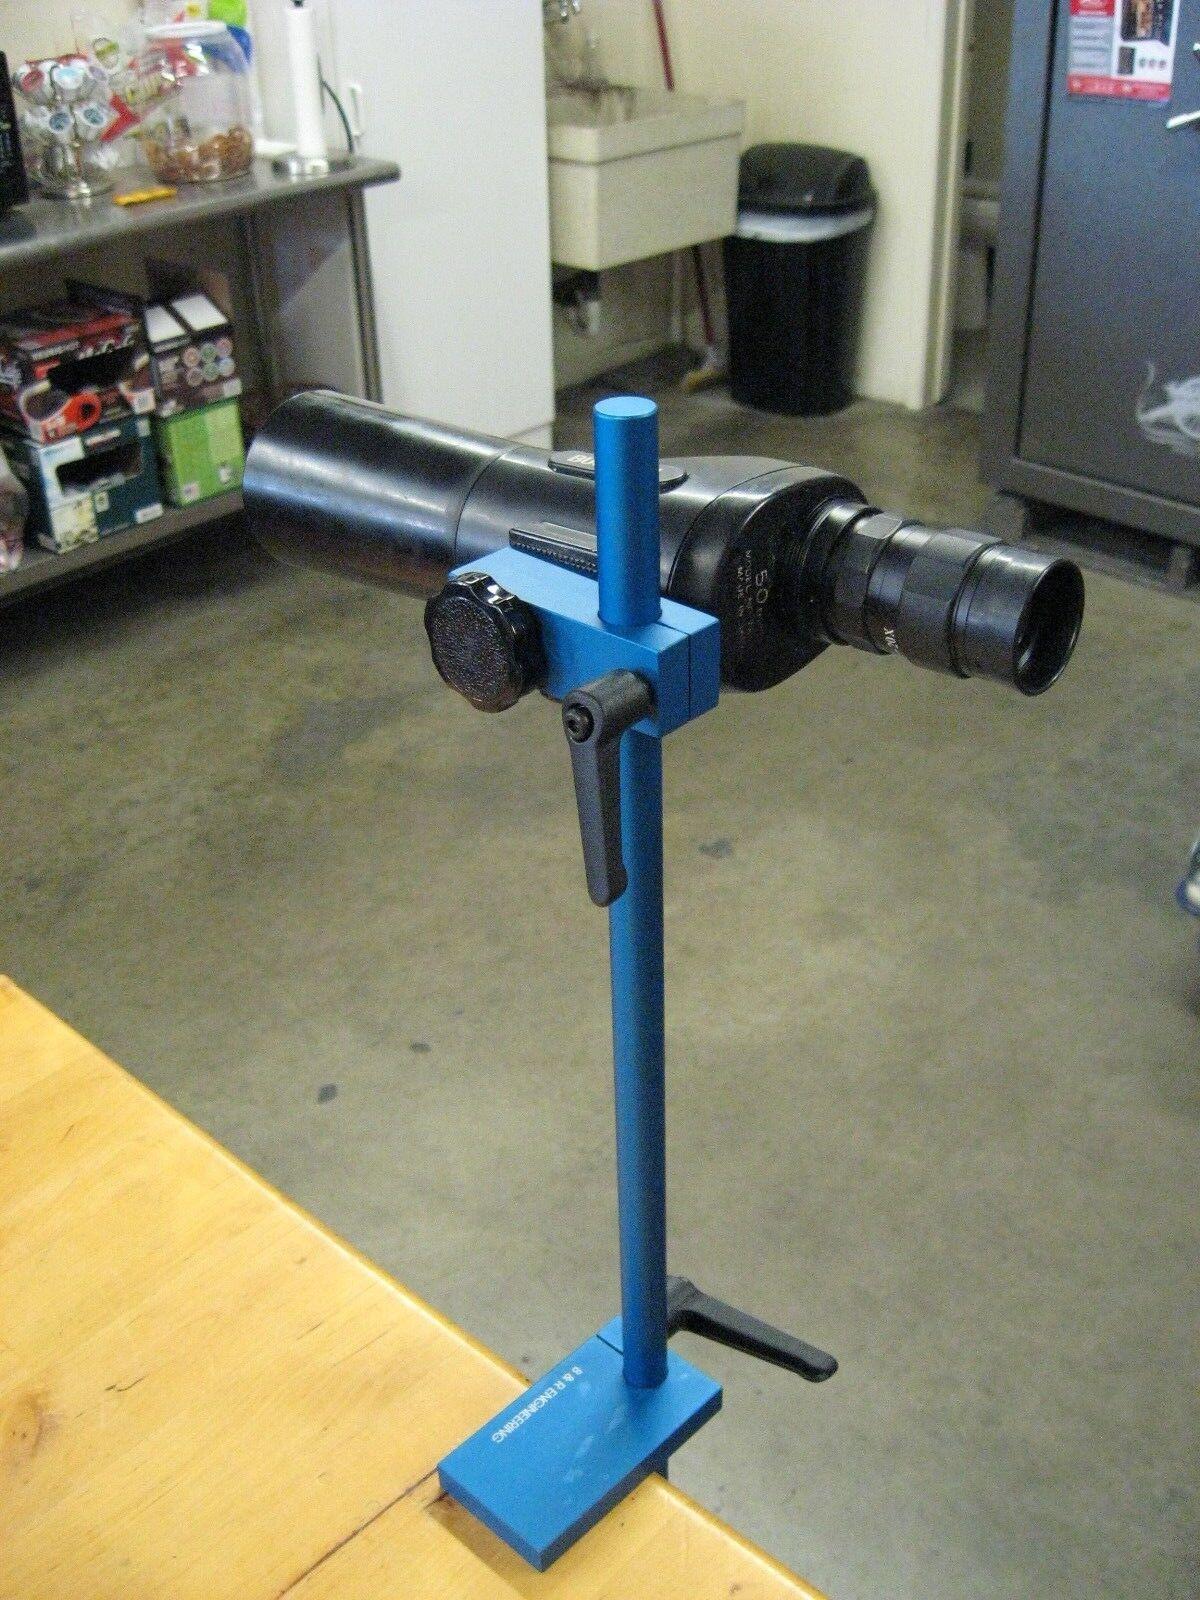 Soporte de montaje de Bench telescopio con Varilla de extensión